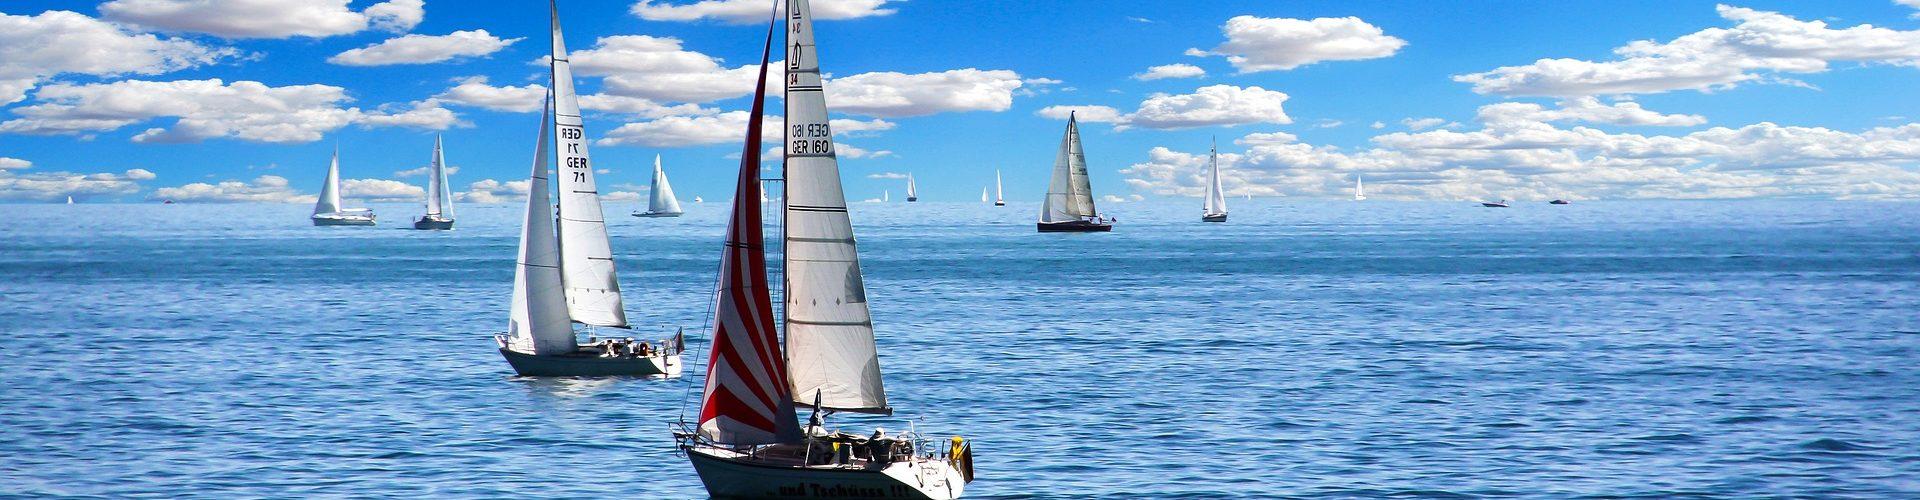 segeln lernen in Heiden segelschein machen in Heiden 1920x500 - Segeln lernen in Heiden